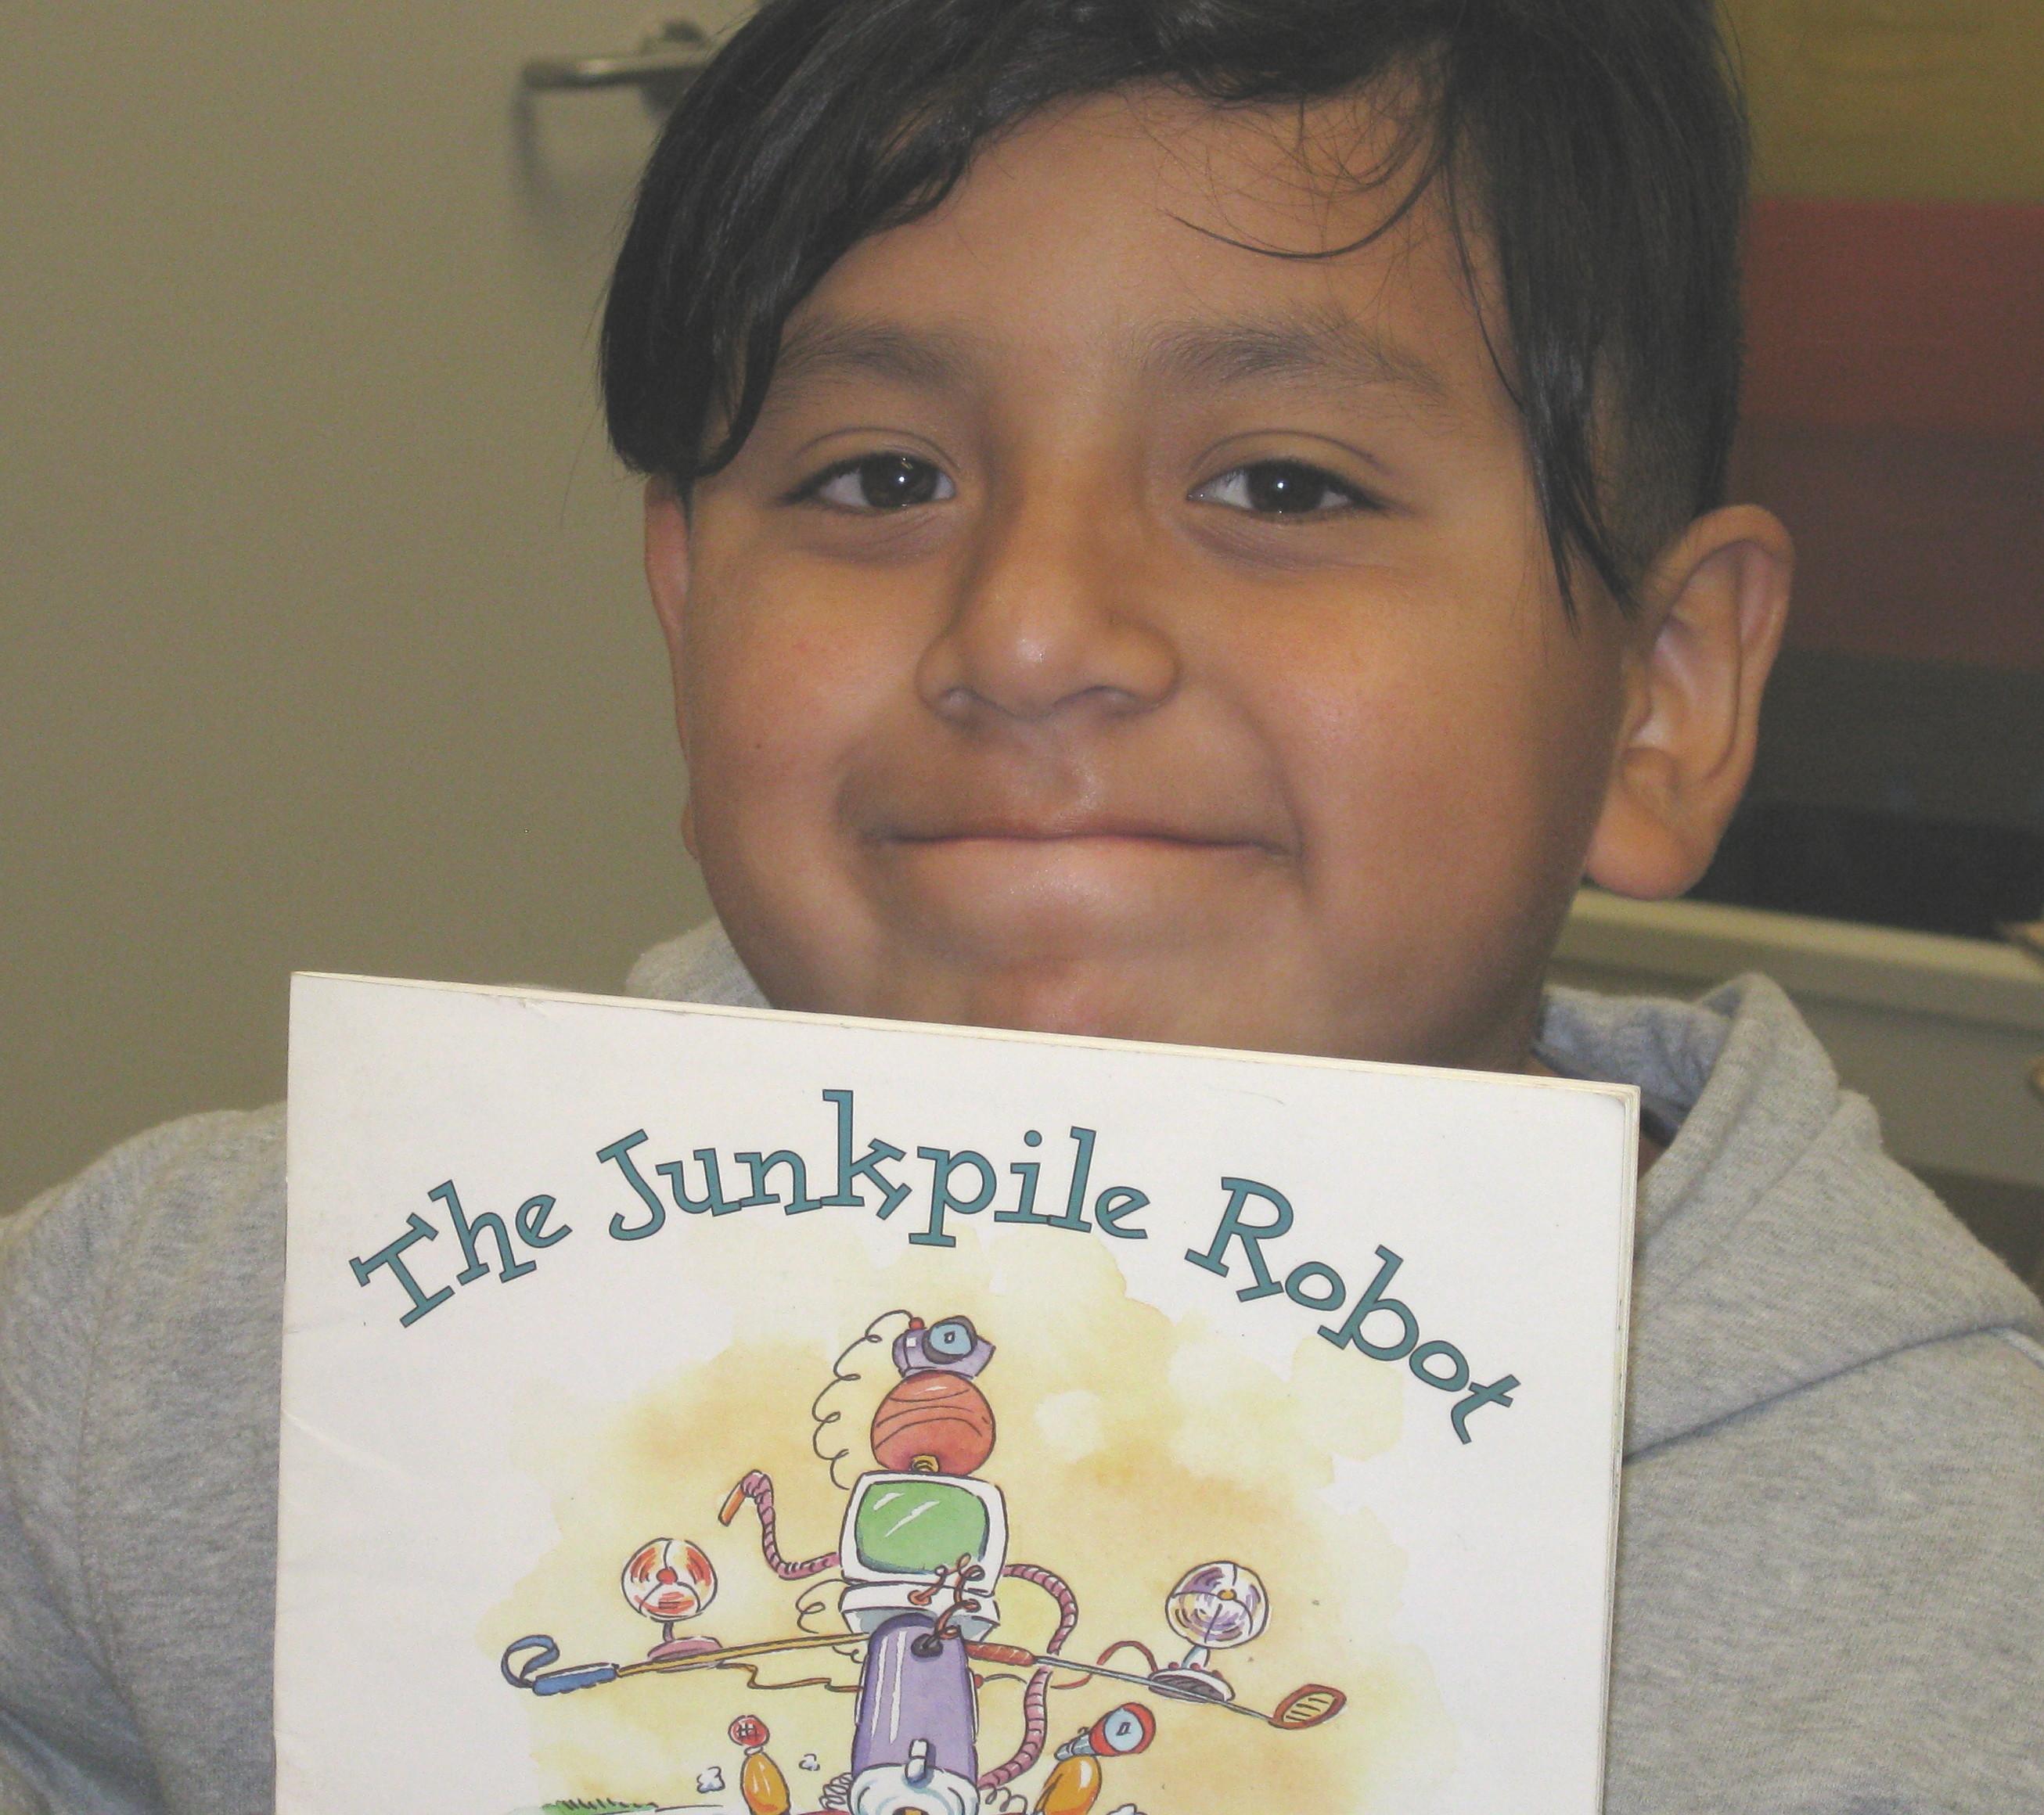 Rafael reading blog